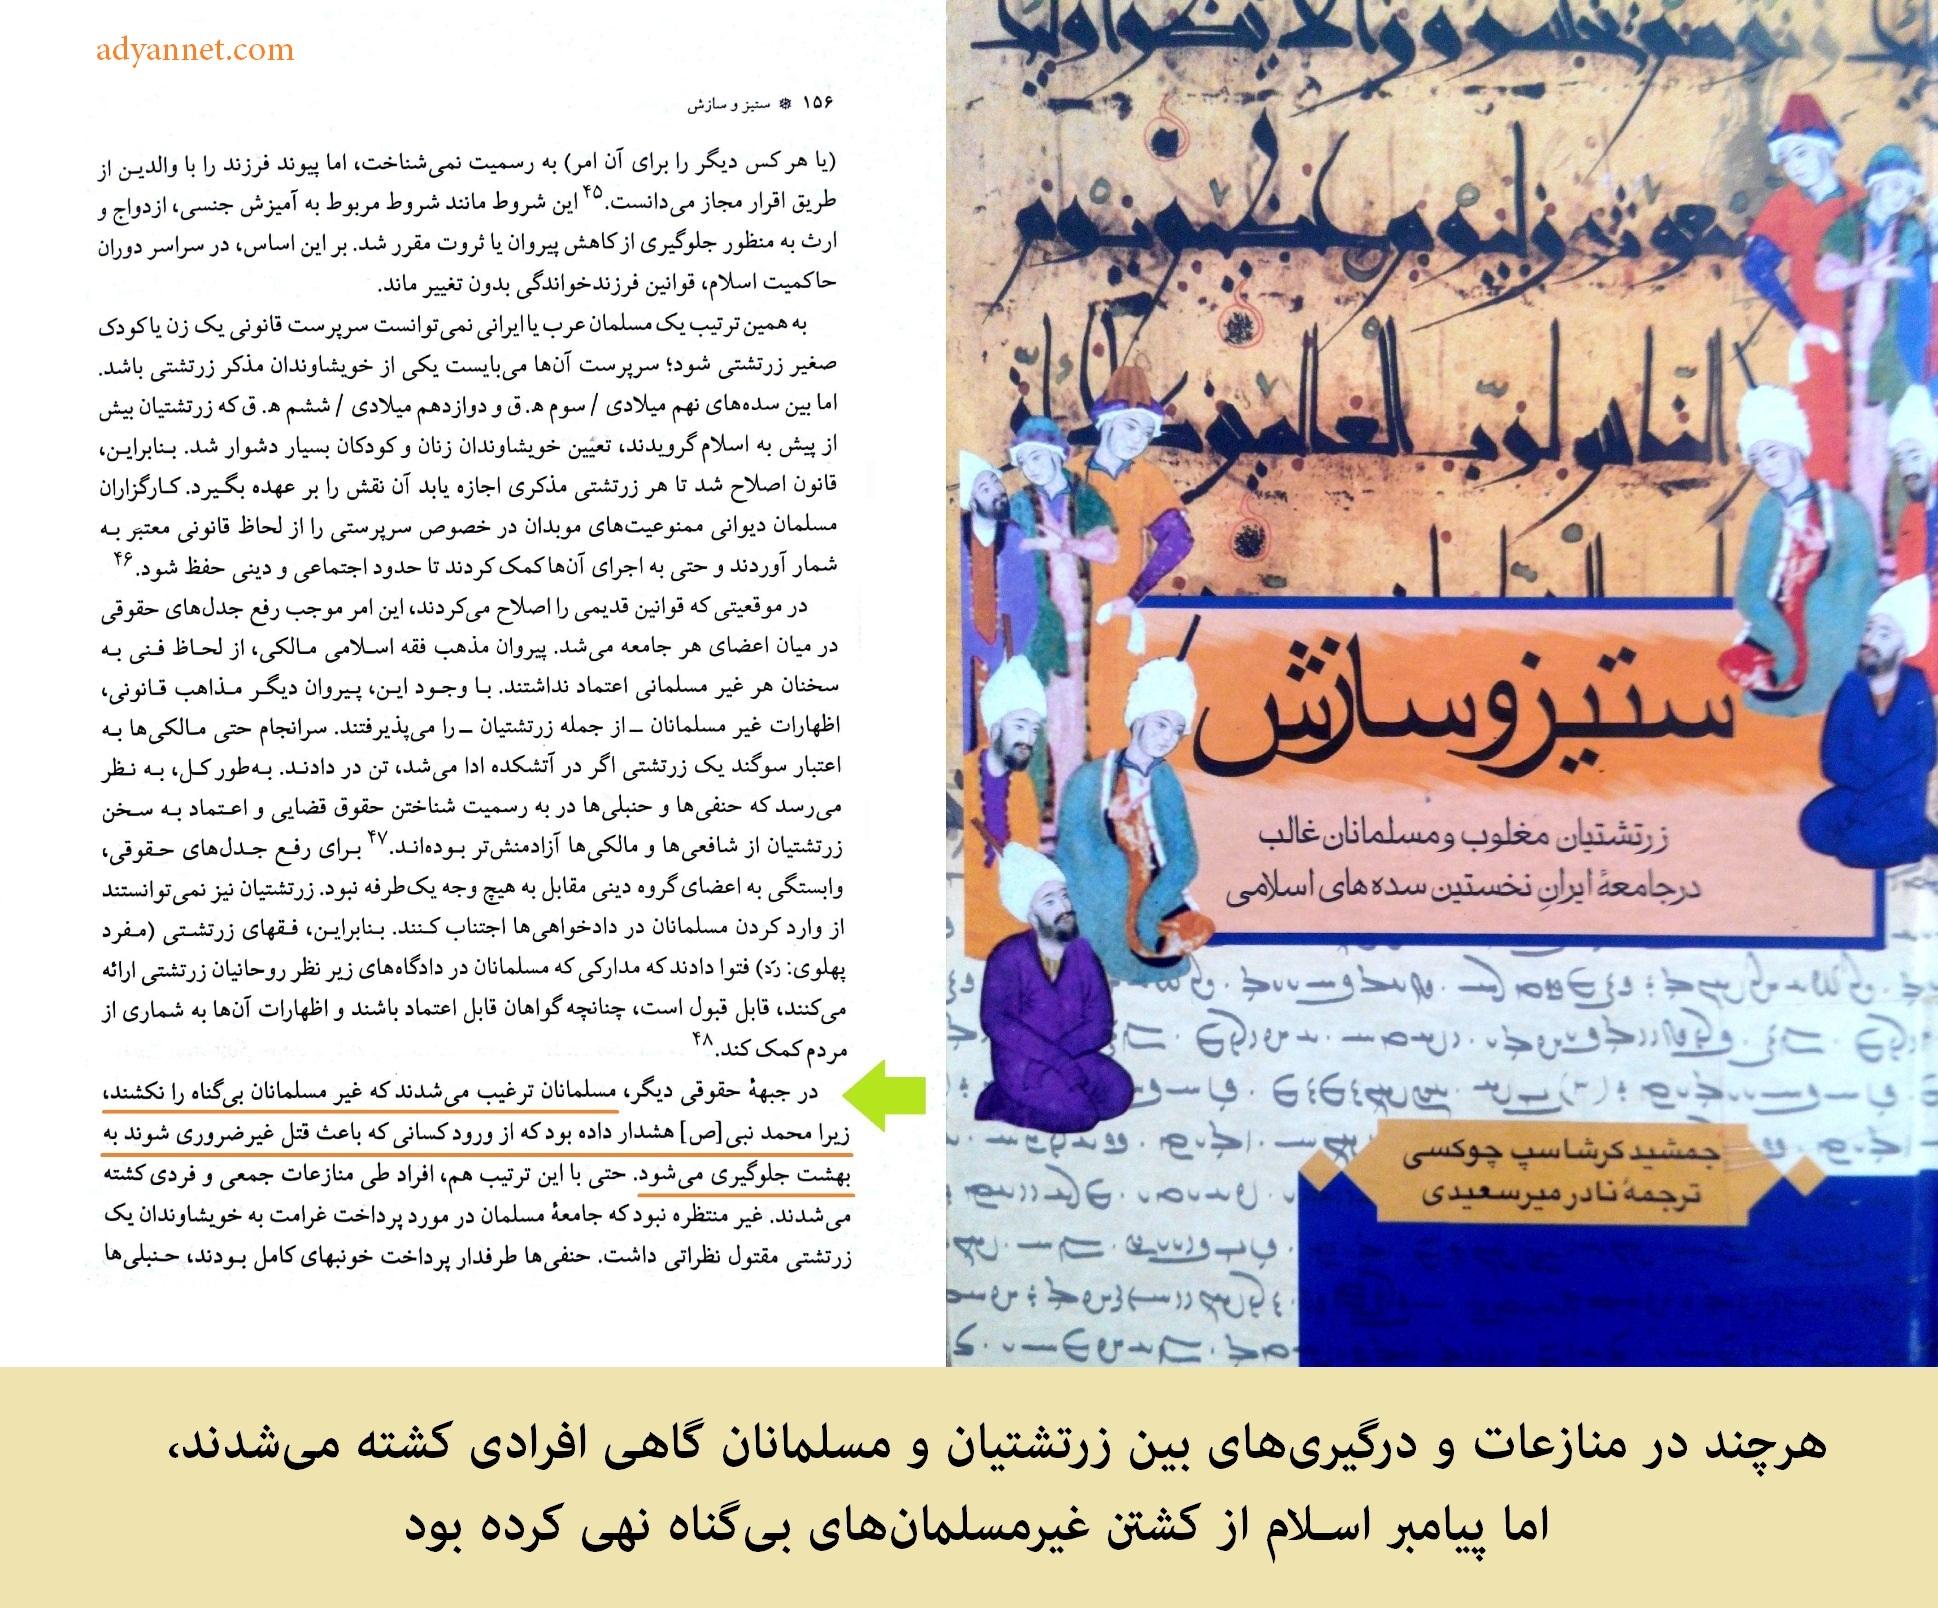 نهی پیامبر اسلام از کشتنِ غیرمسلمانان بیگناه